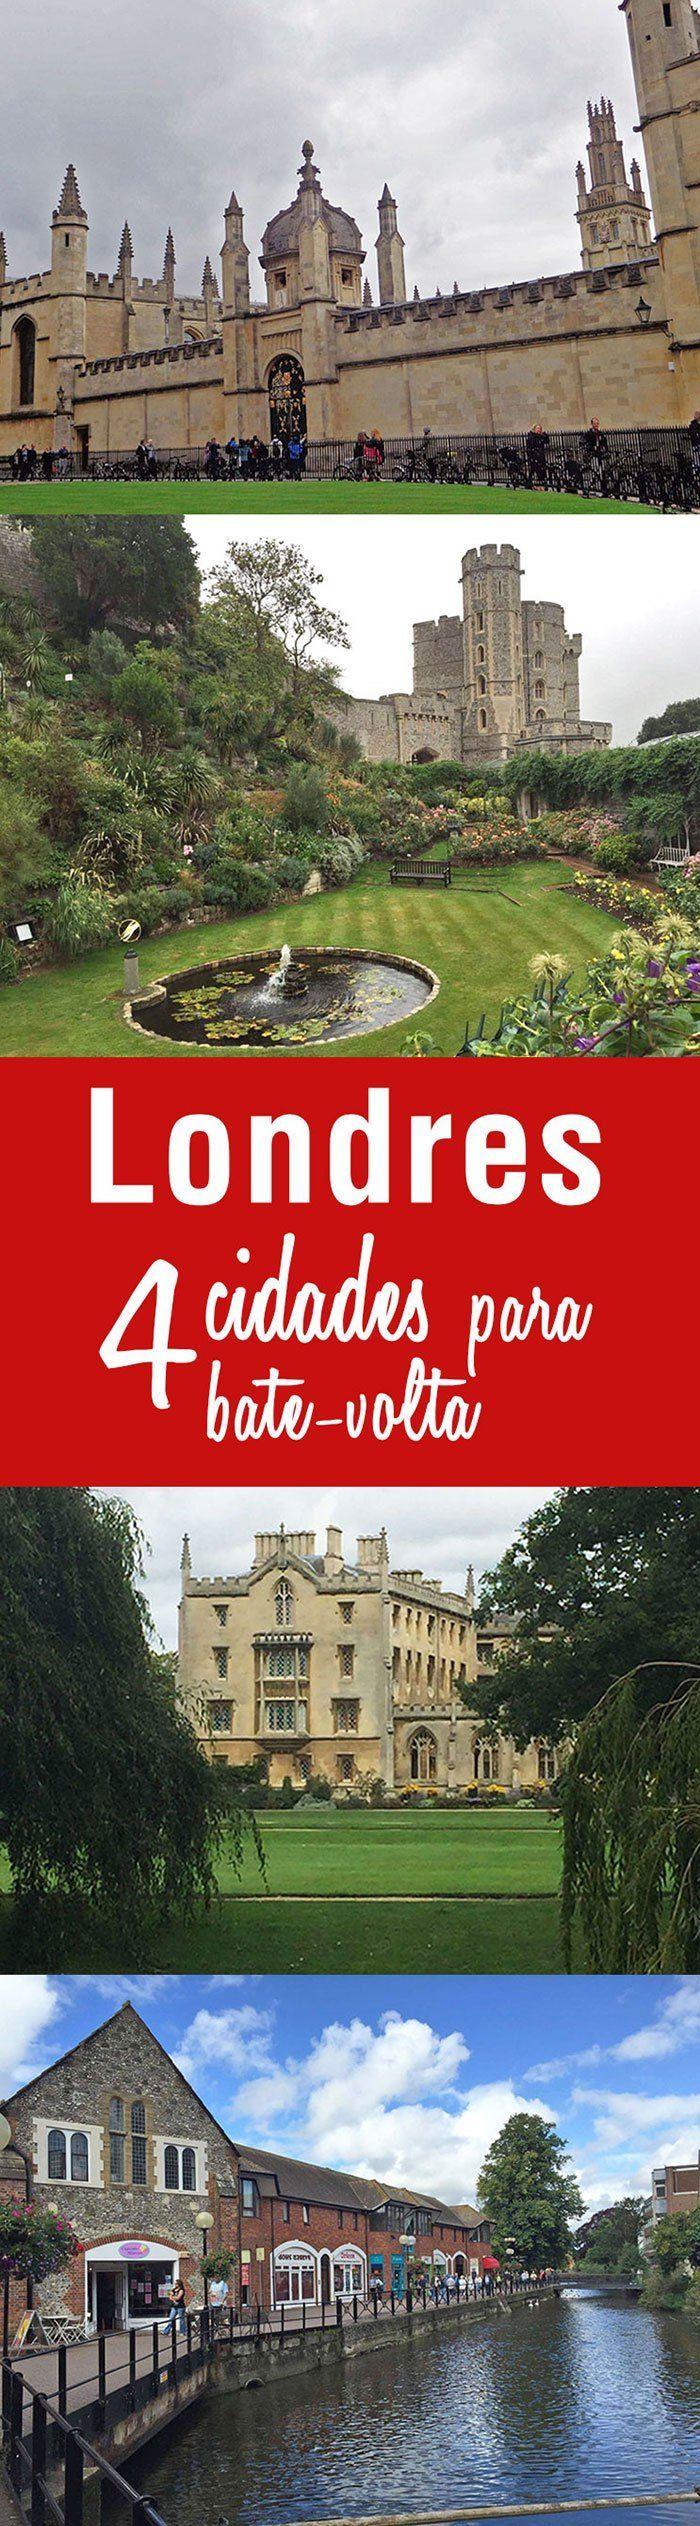 4 cidades para bate-volta partindo de Londres